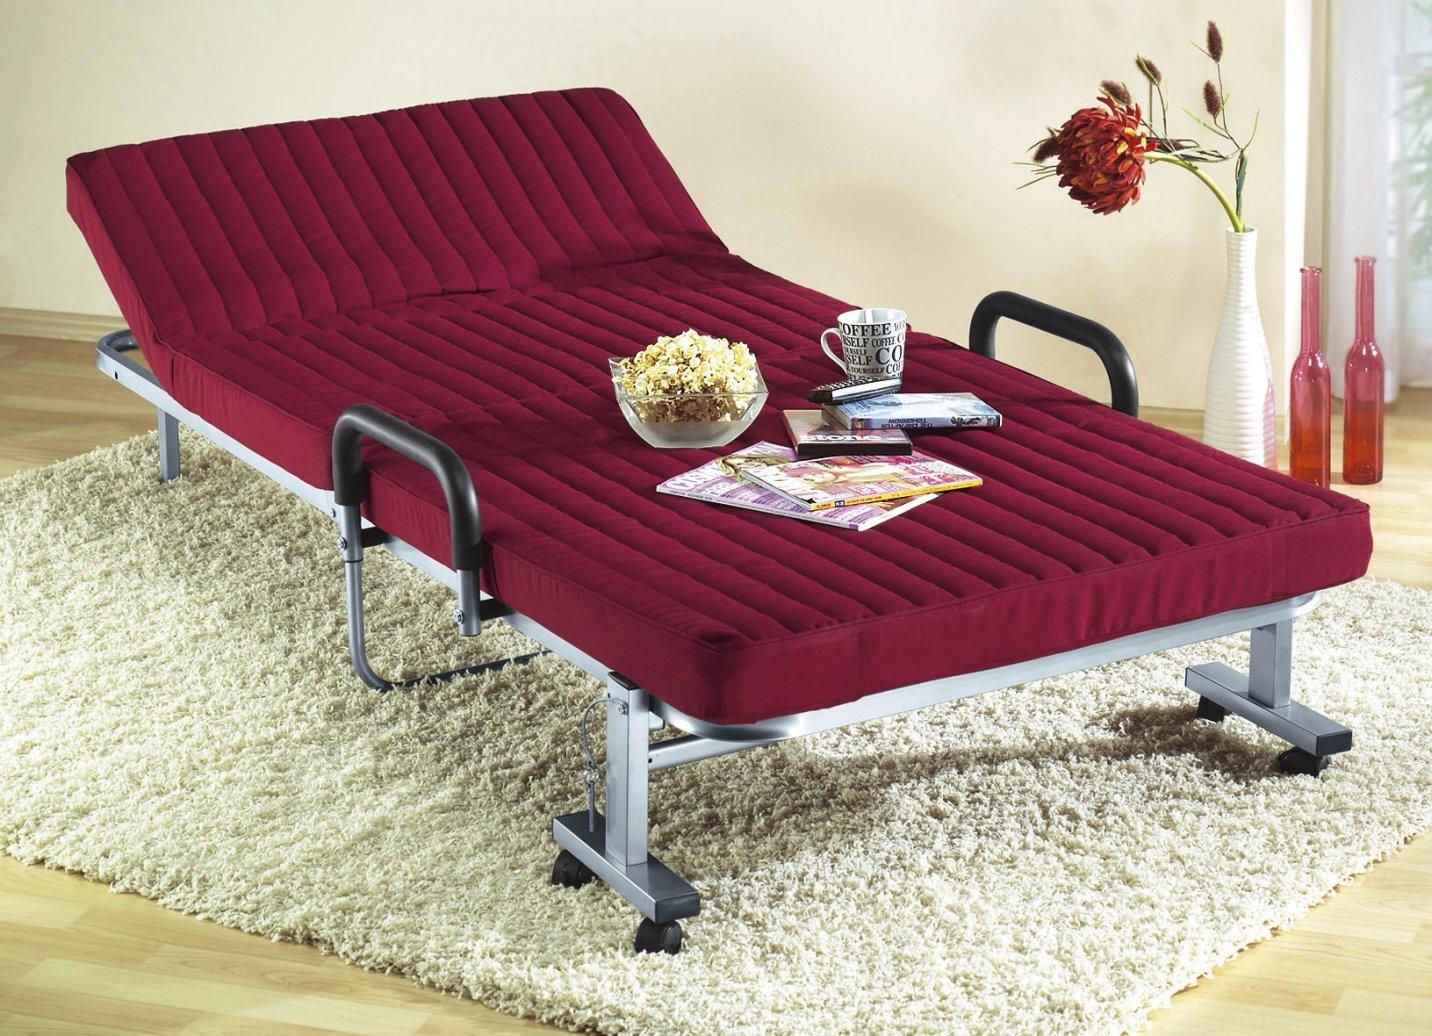 g stebett klappbett bett klappmatratze schlafsofa in verschiedene ausf hrungen ebay. Black Bedroom Furniture Sets. Home Design Ideas